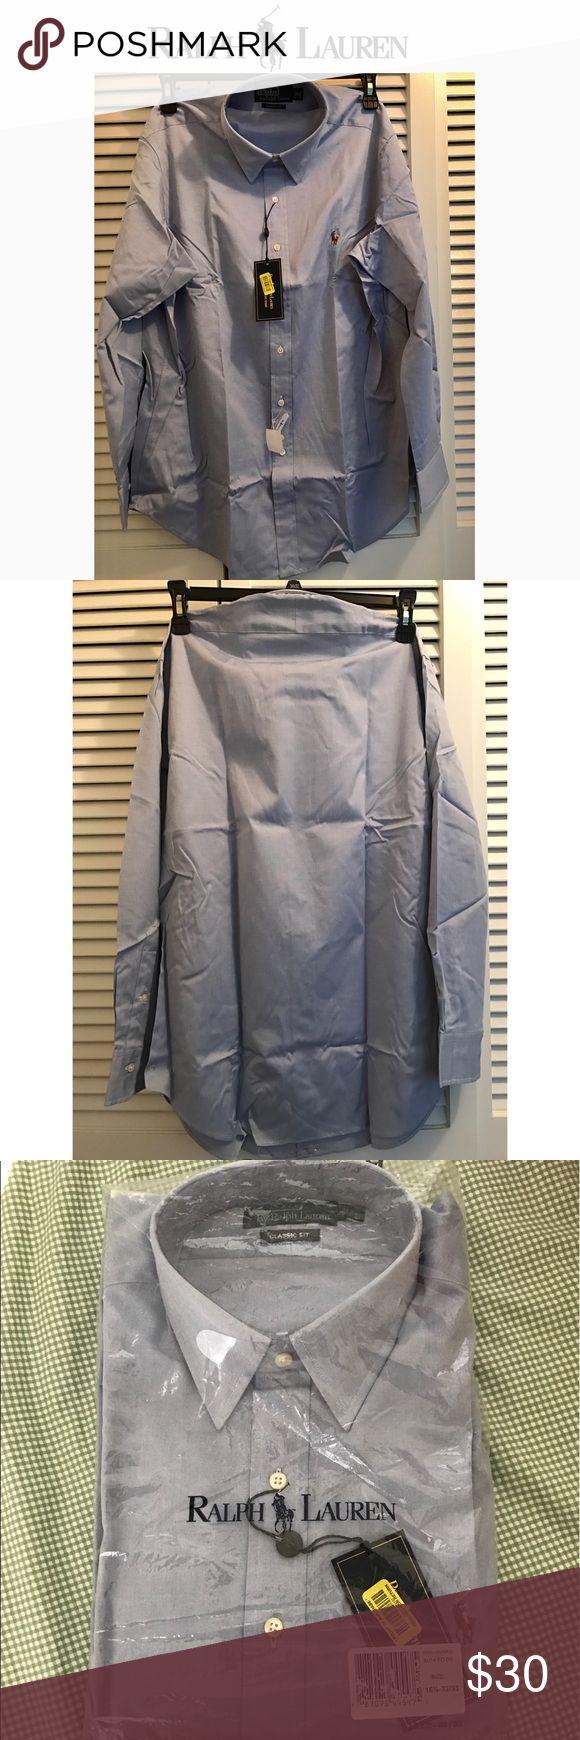 Ralph Luaren Dress shirt (16 1/2 32-33) NWT | Classic Fit 16 1/2 32-33 | Light Blue | From a Smoke/Pet Free home Polo by Ralph Lauren Shirts Dress Shirts